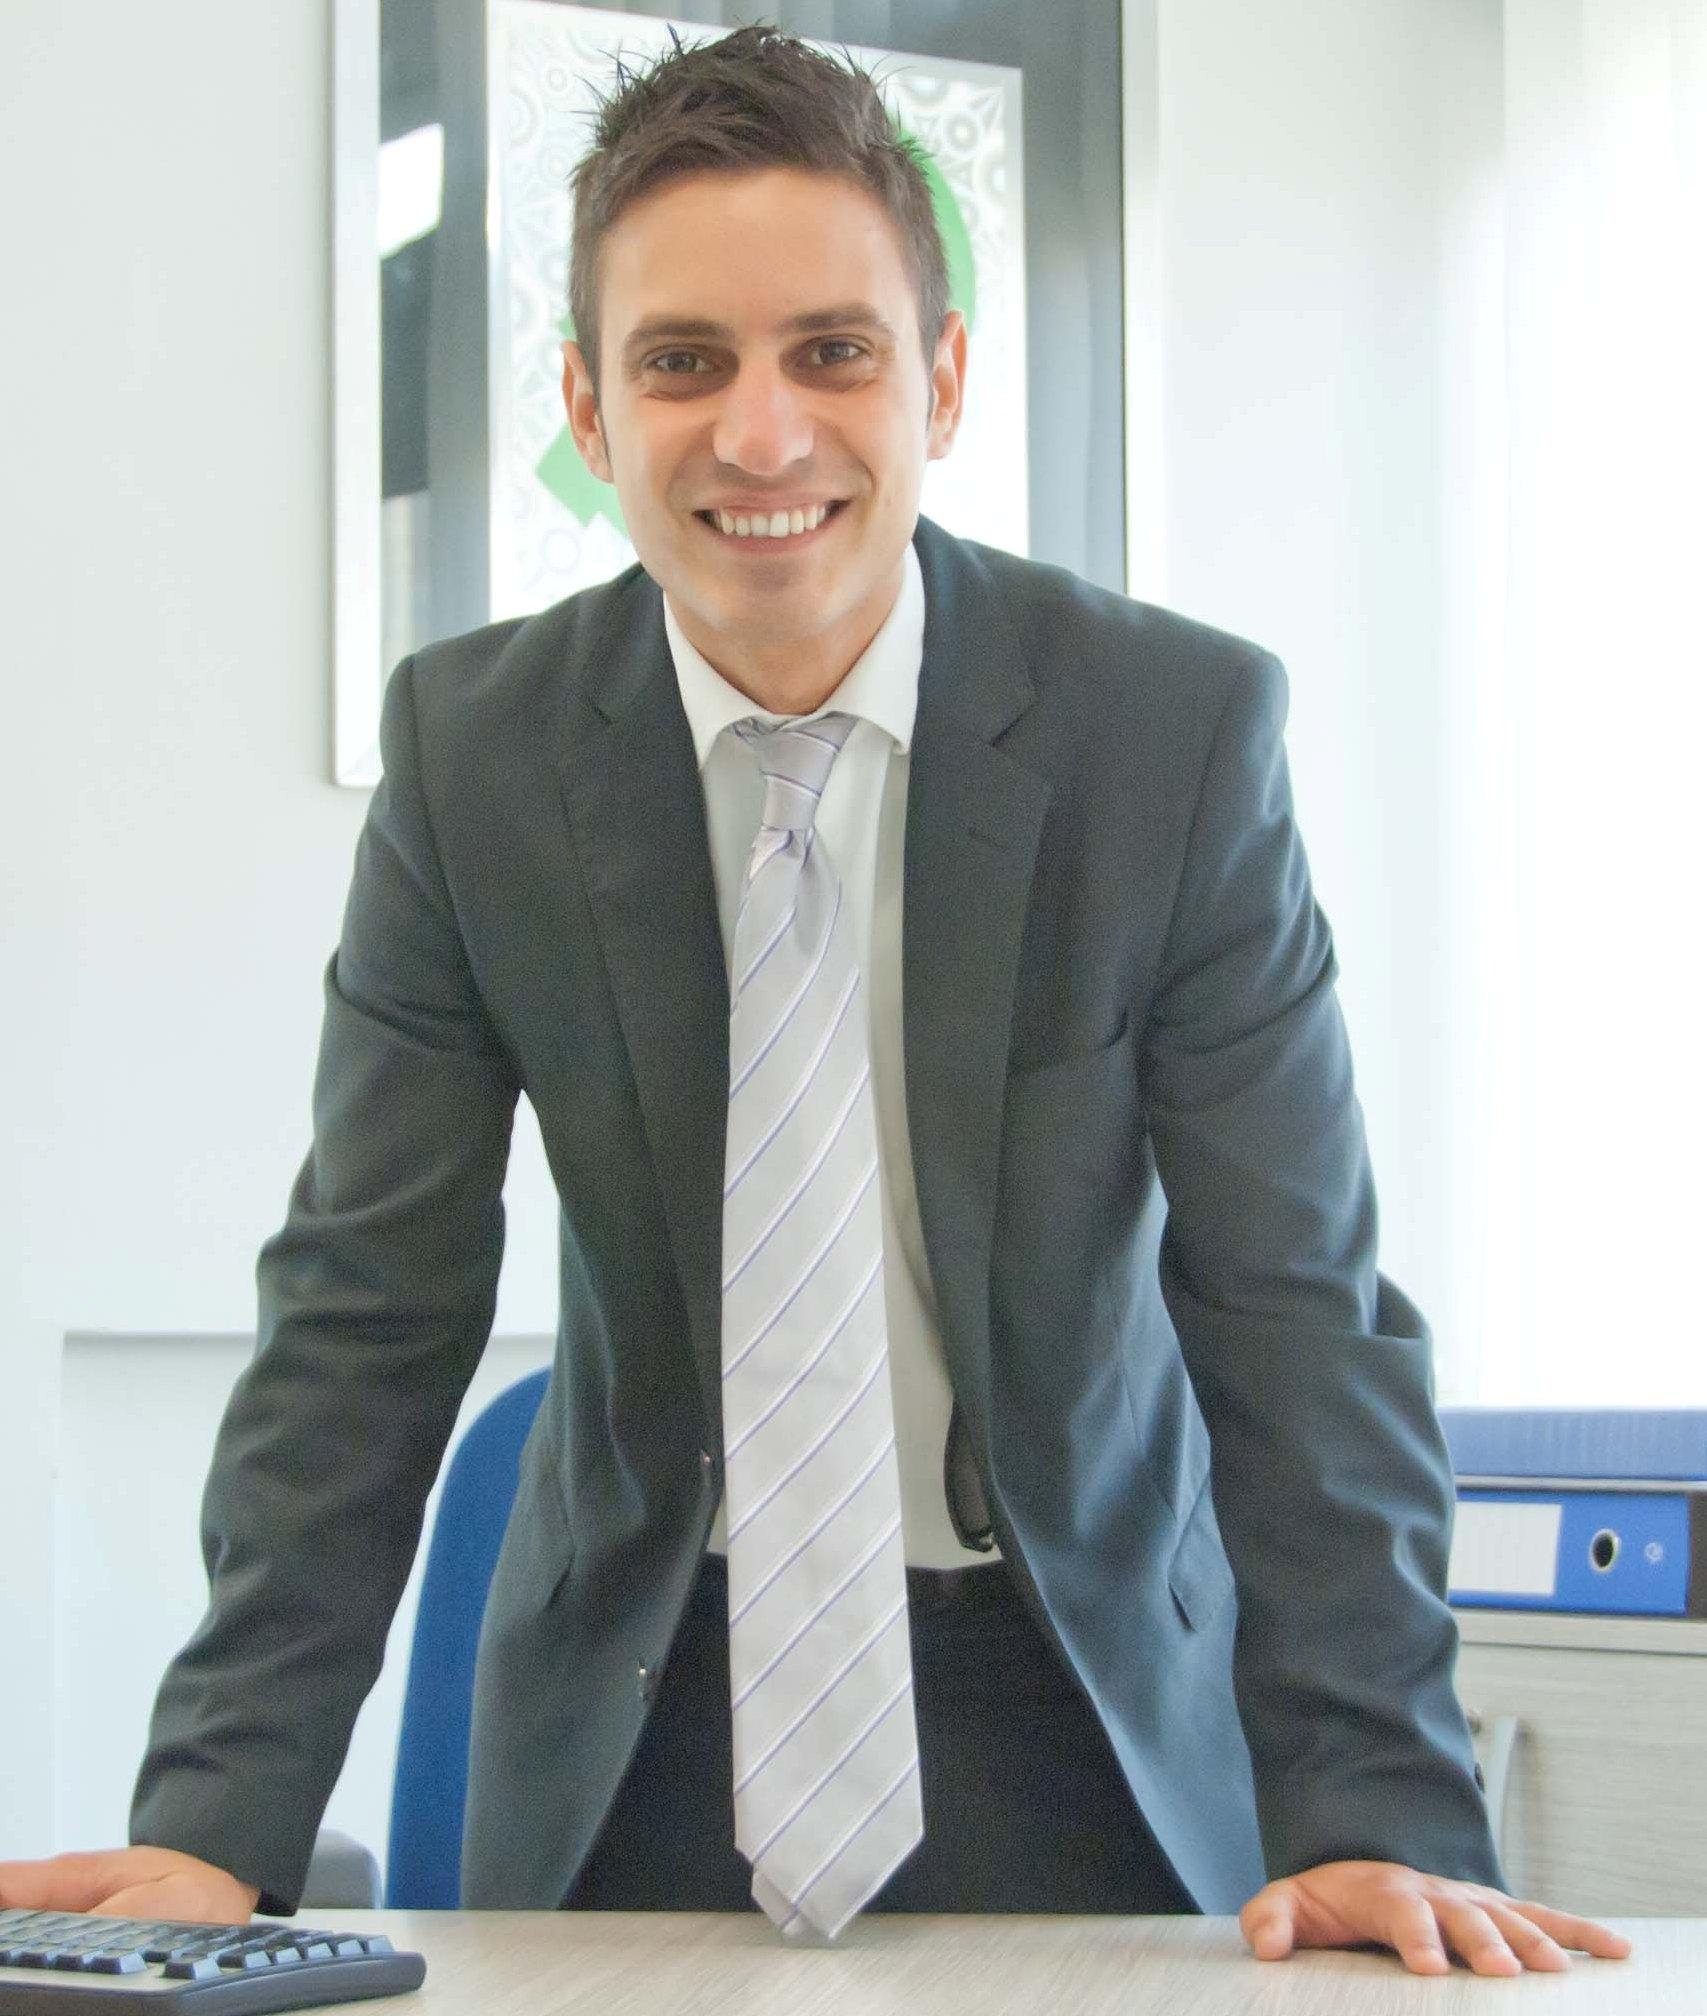 Mariano Meli